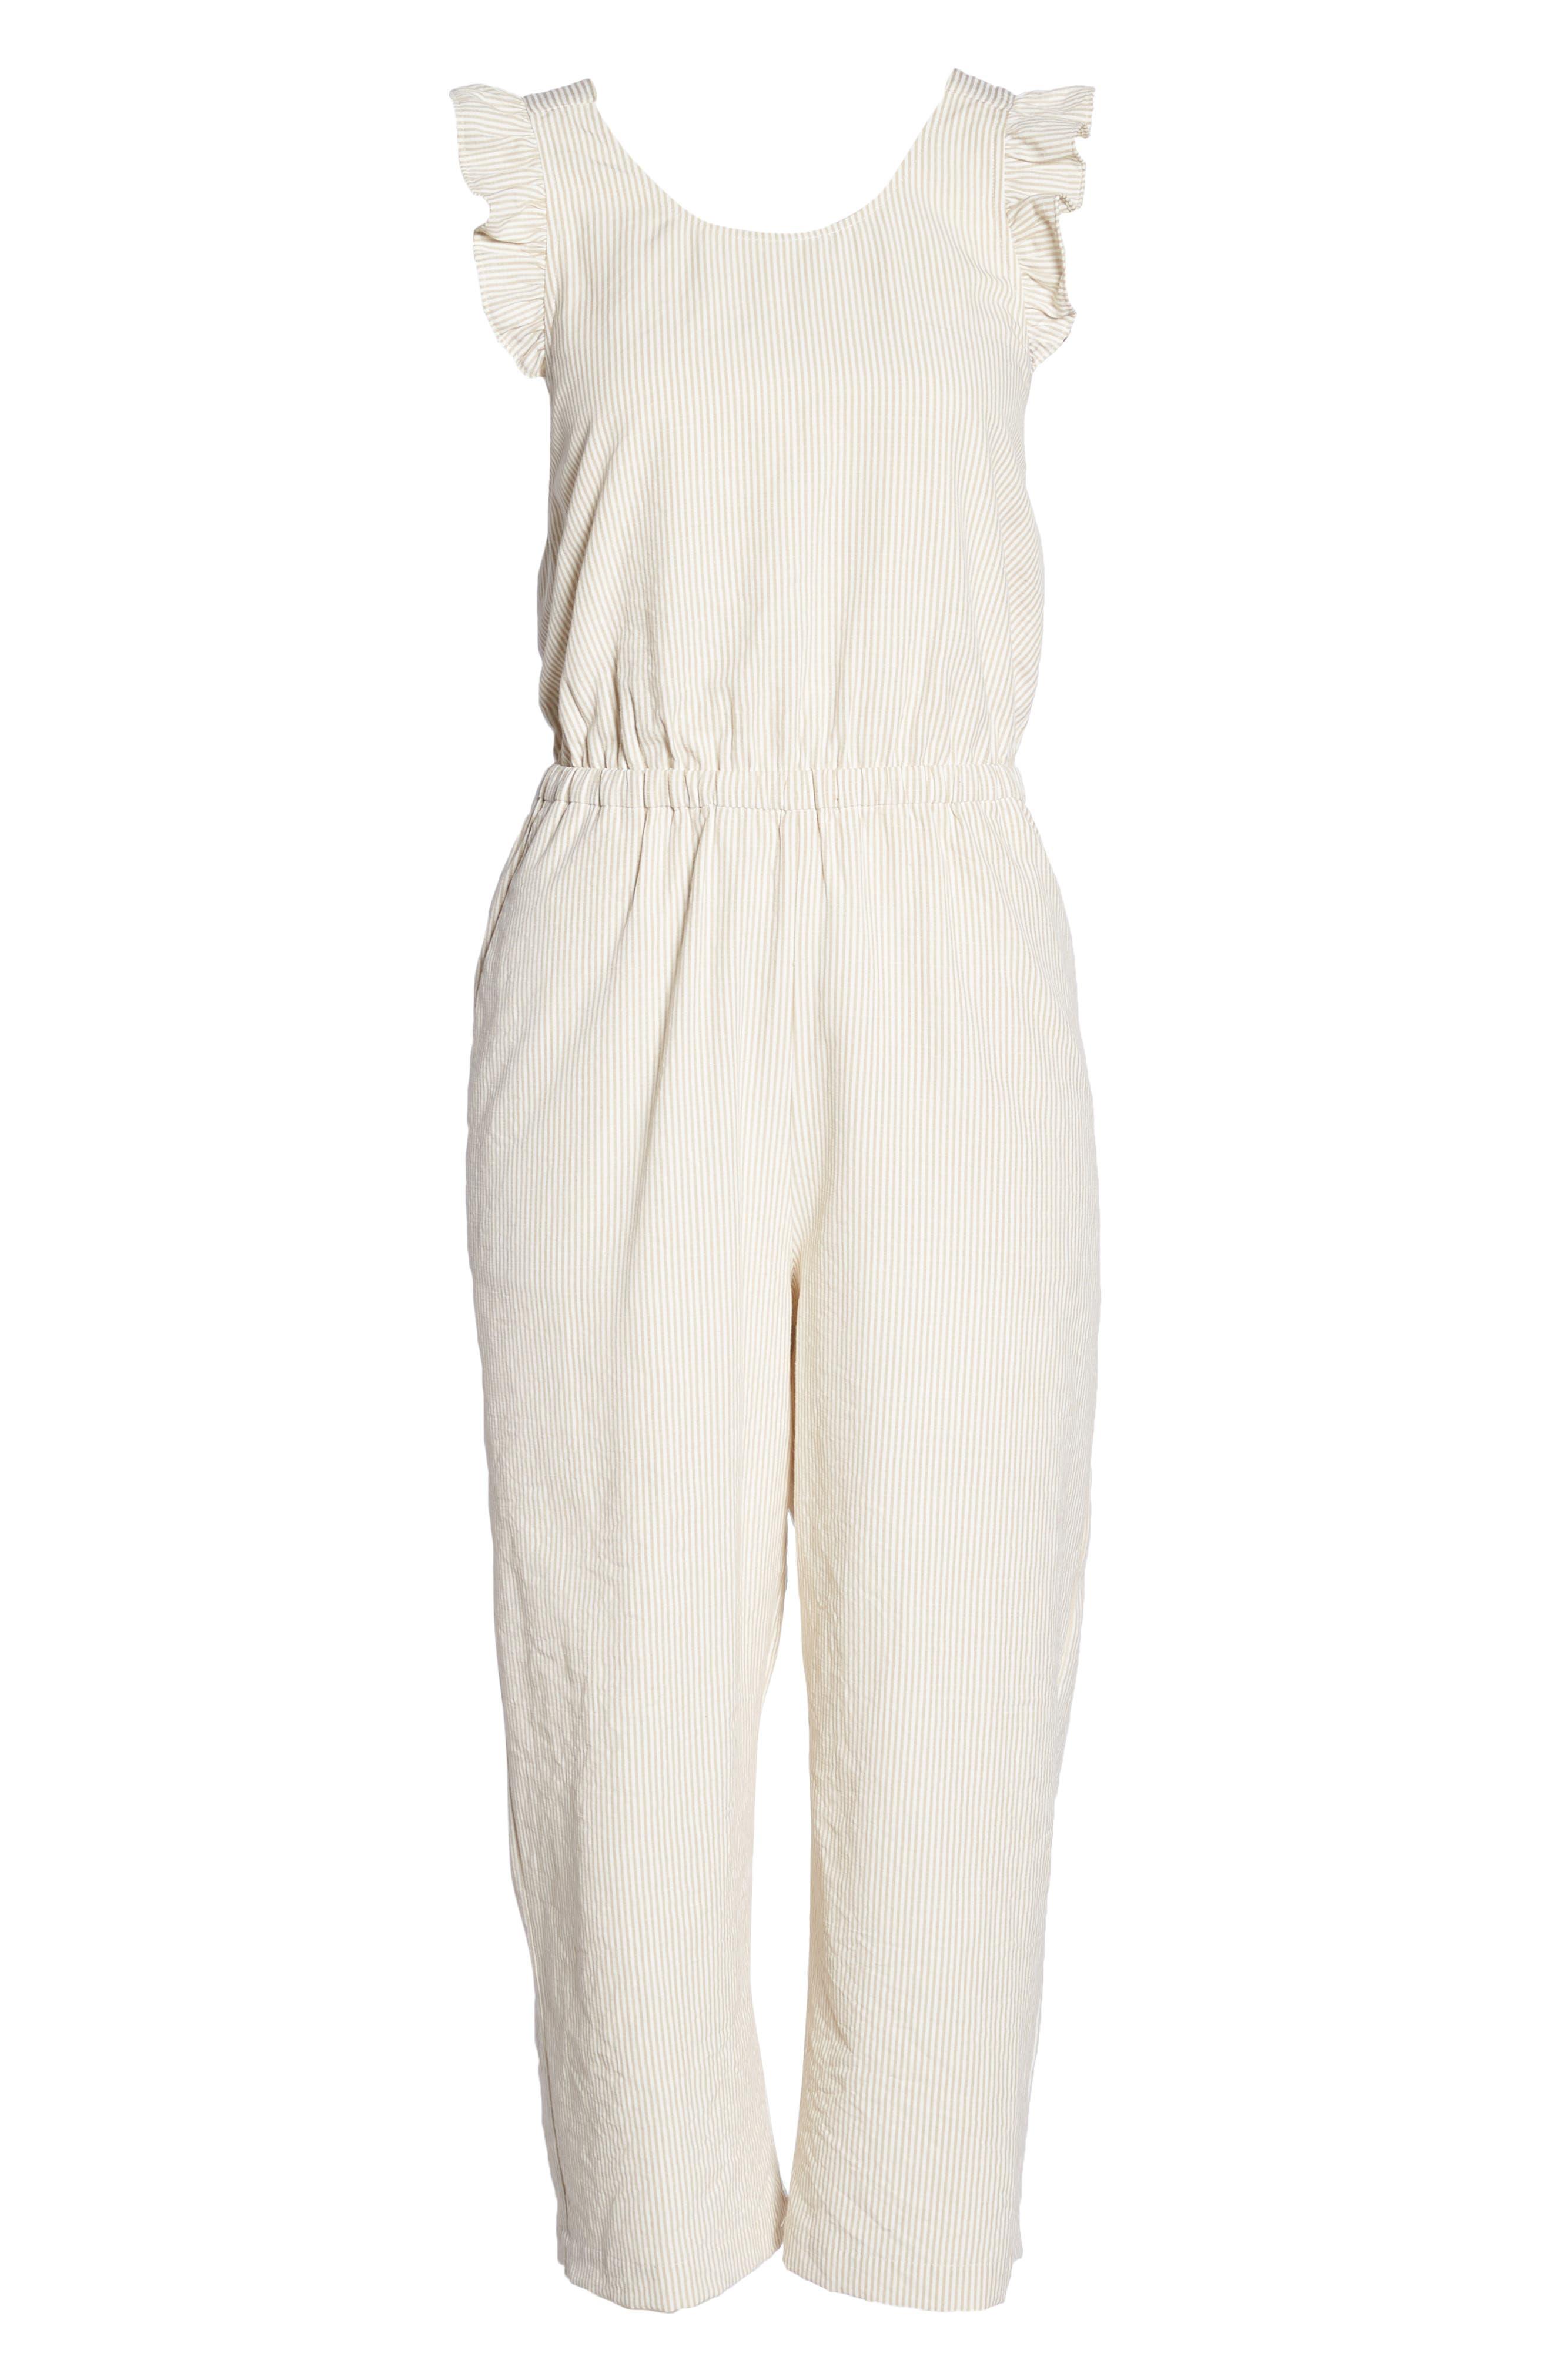 Stripe Ruffle Crop Jumpsuit,                             Alternate thumbnail 7, color,                             White-Oat